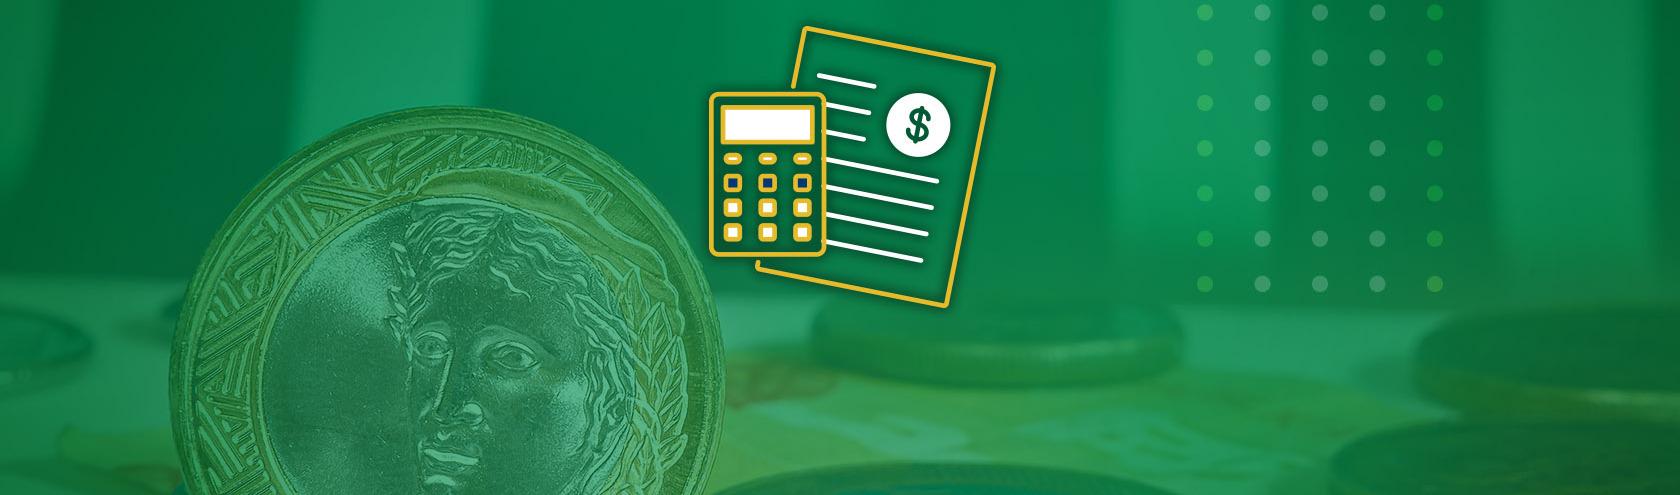 Exclusão do ICMS da base de cálculo do PIS/Cofins: dos tribunais à restituição ou compensação de créditos